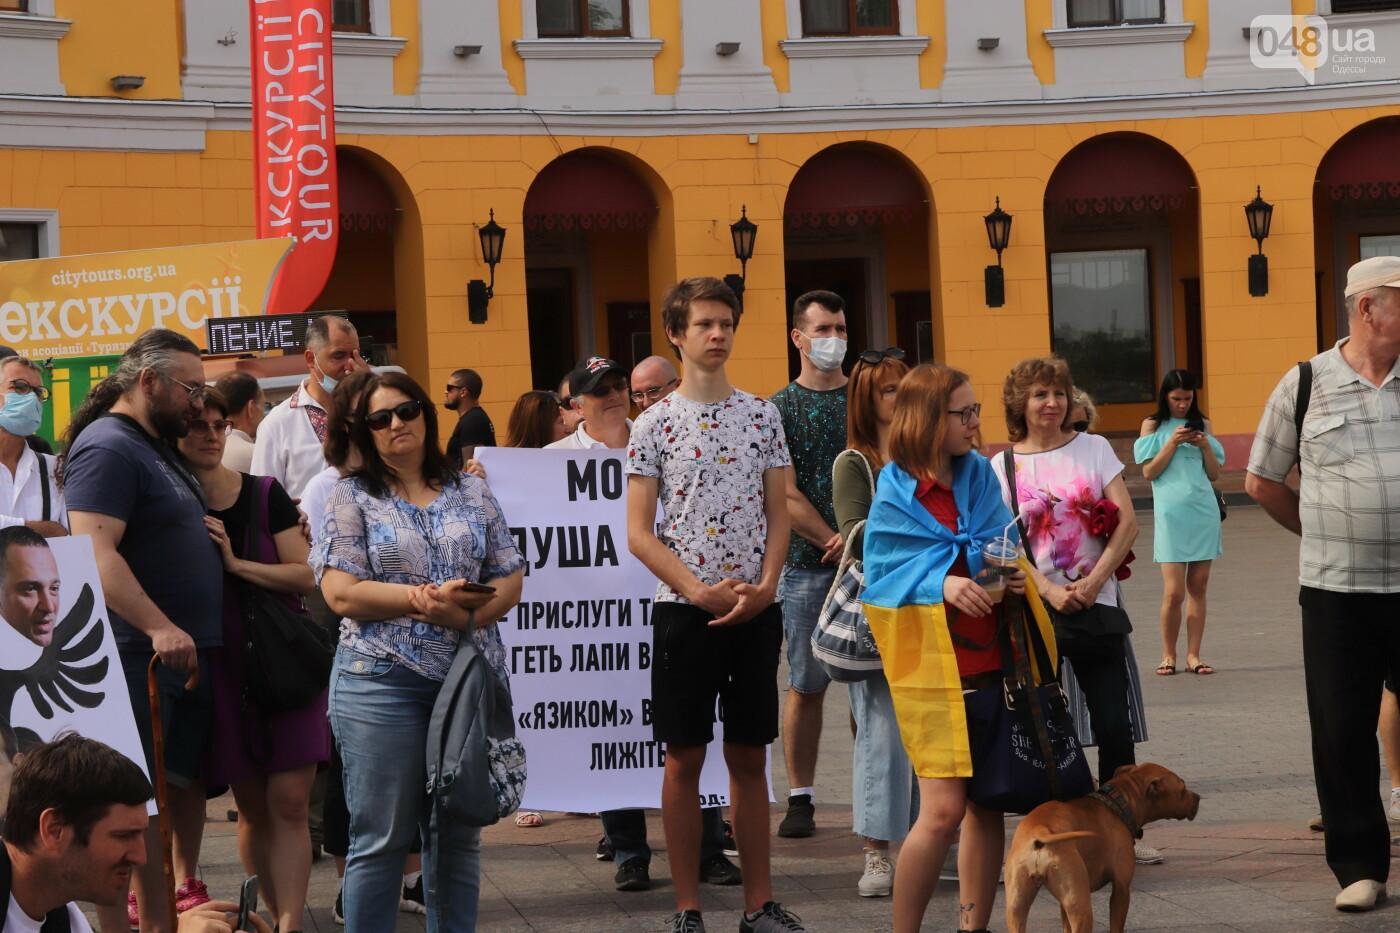 Около сотни одесситов пришли к Дюку поддержать украинский язык, - ФОТО, фото-7, Ольга Циктор